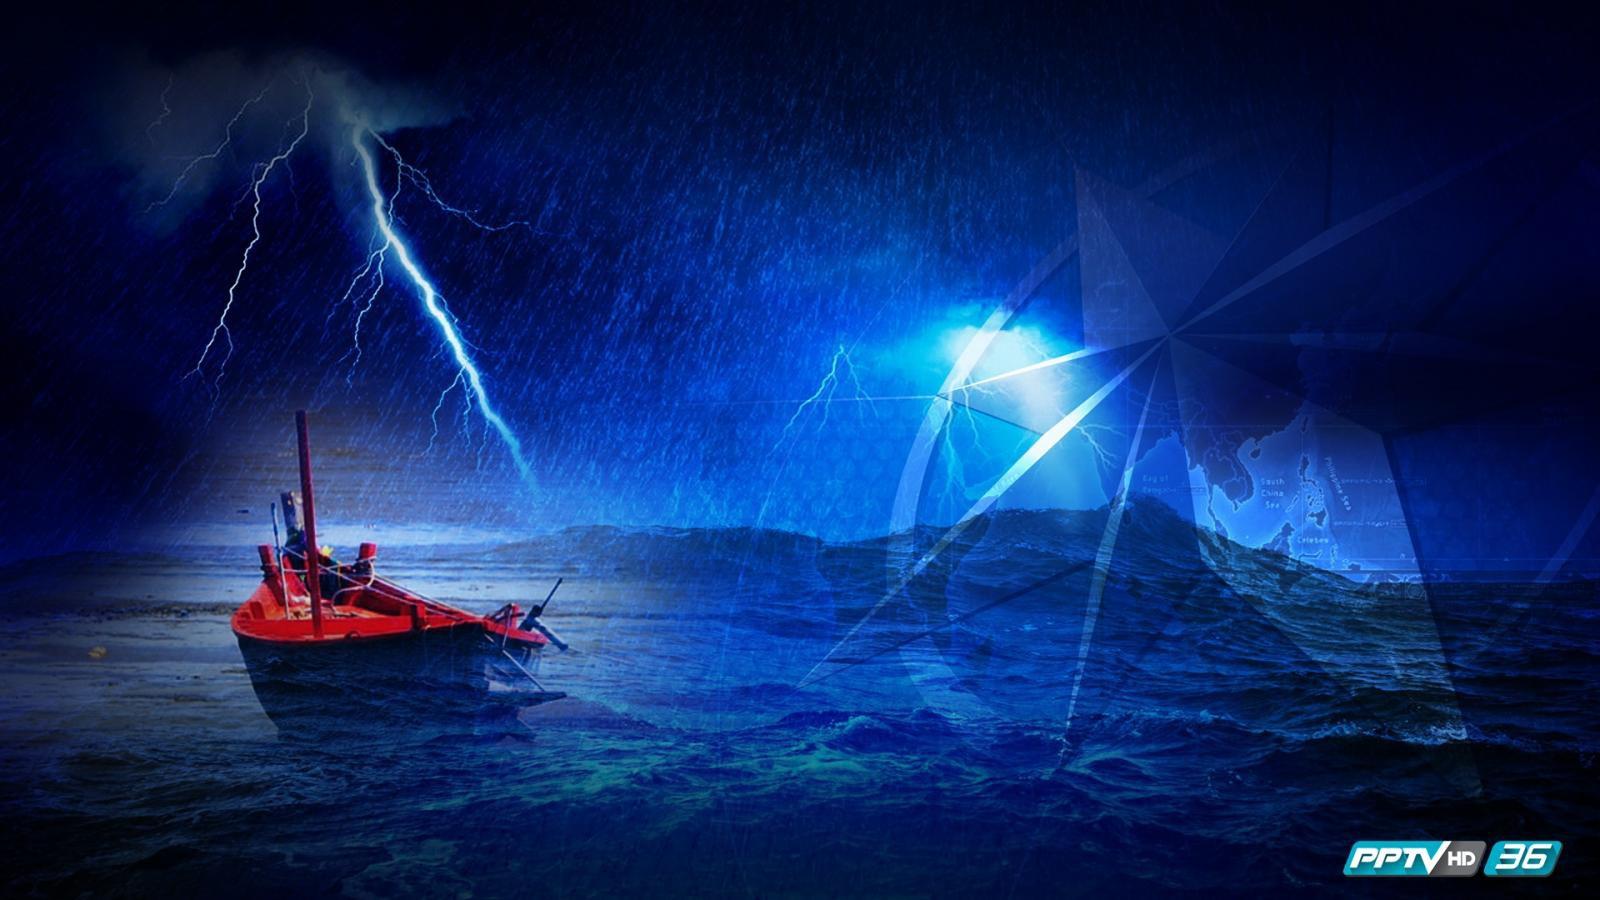 ปภ. เตือน 9 จังหวัดภาคใต้ เตรียมตัวรับมือ ฝนตกหนัก คลื่นลมแรง 5-9 ก.พ.นี้